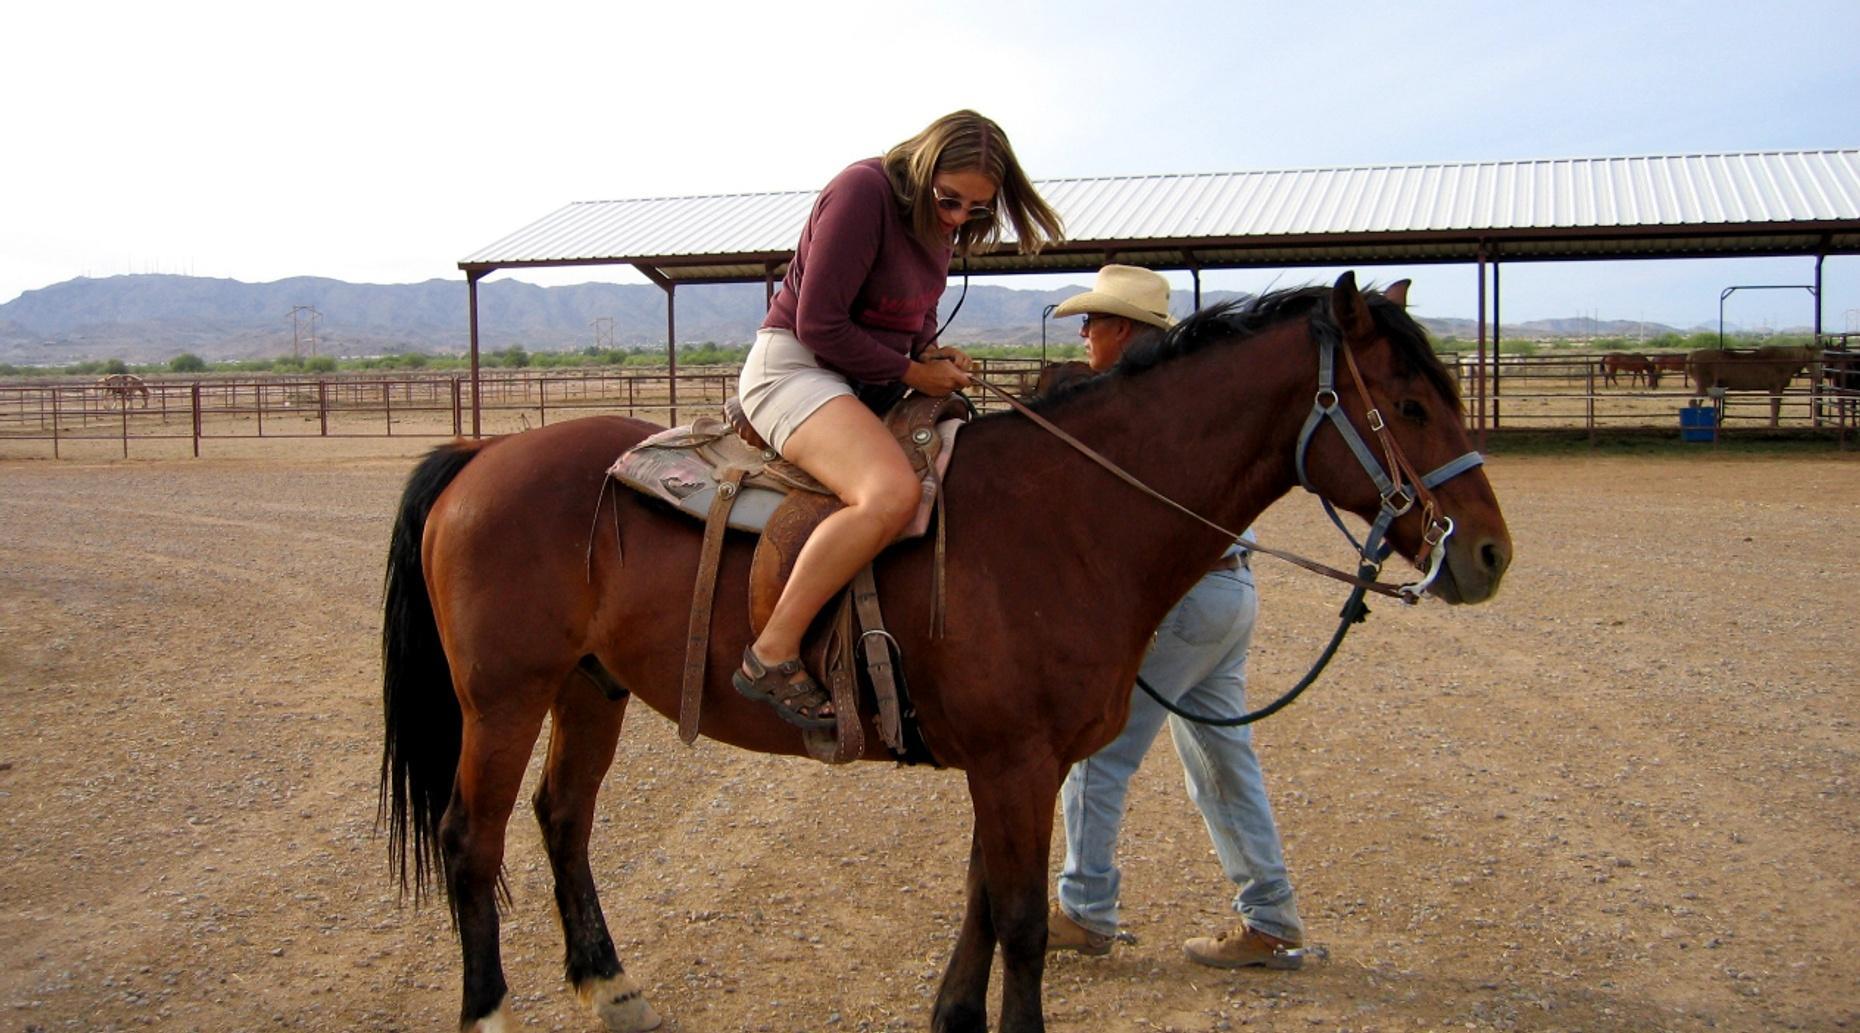 Half-Day Horseback Ride in Coyote Canyon near San Miguel de Allende